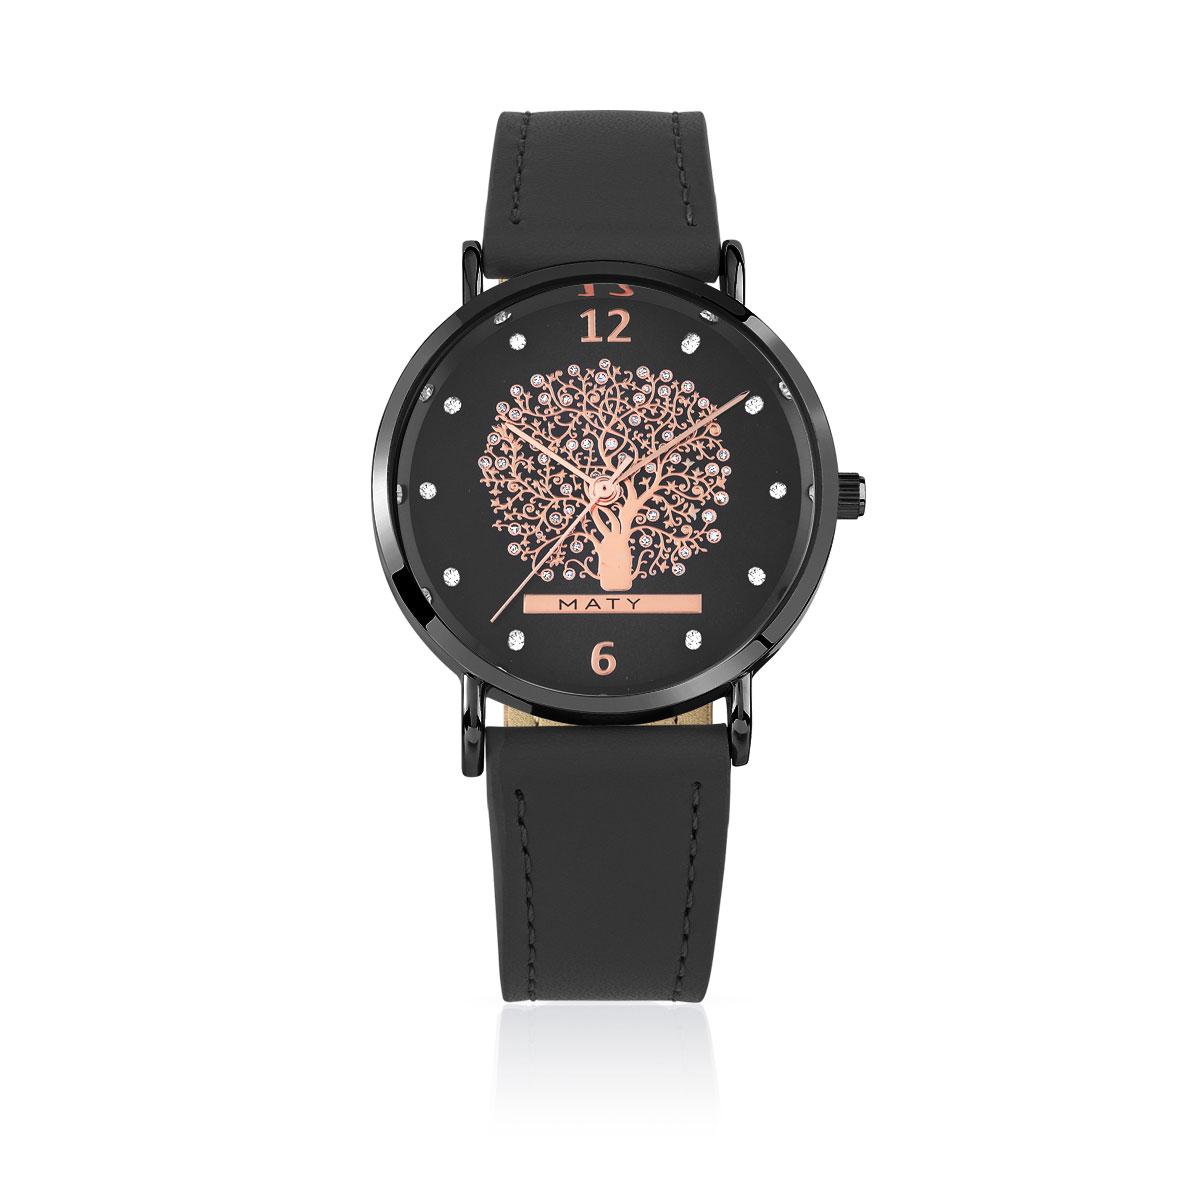 montre femme rev tement noir bracelet cuir pierres imita femme montre quartz maty. Black Bedroom Furniture Sets. Home Design Ideas